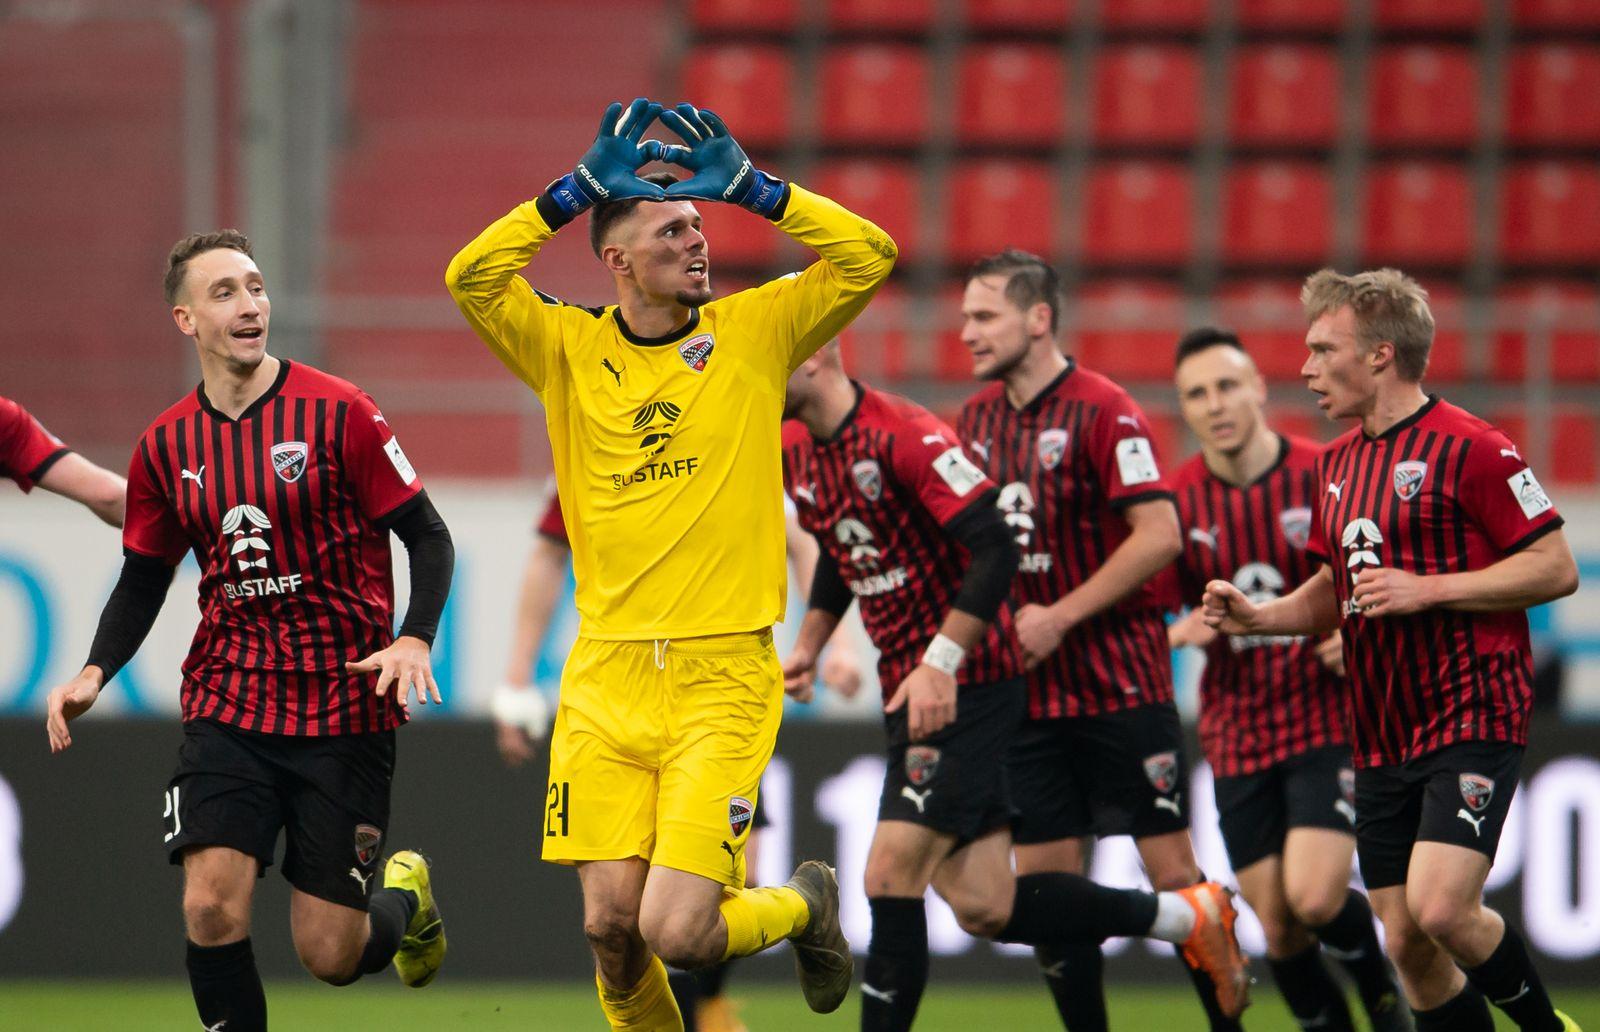 3 Liga Fc Ingolstadt Mit Torwart Tor In Der Nachspielzeit Gegen Viktoria Koln Der Spiegel